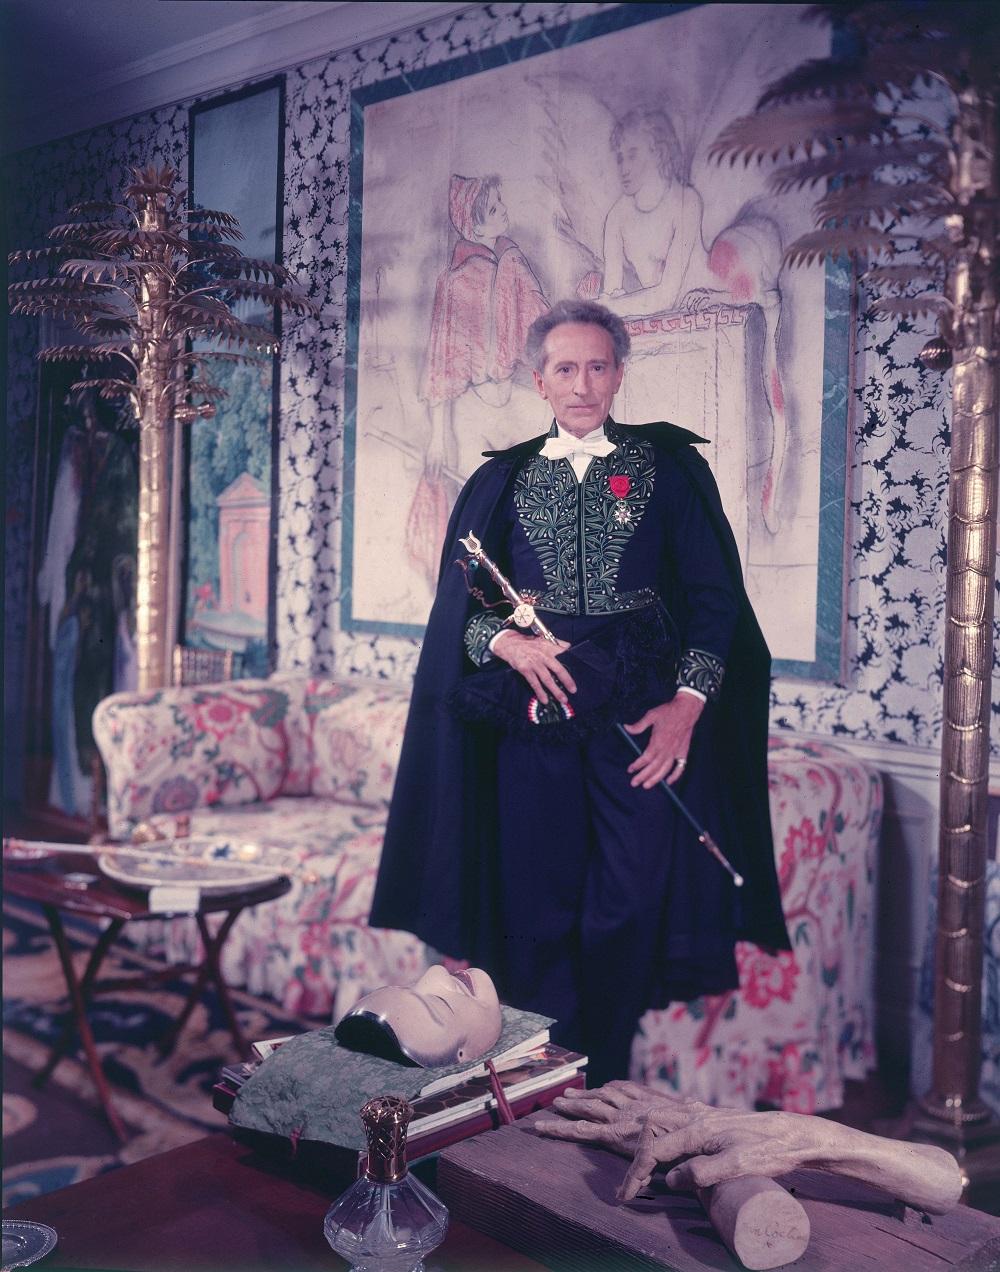 Cocteau dans sa tenue d'académicien : notez comme la silhouette est littéralement coupée en deux à partir de la taille.